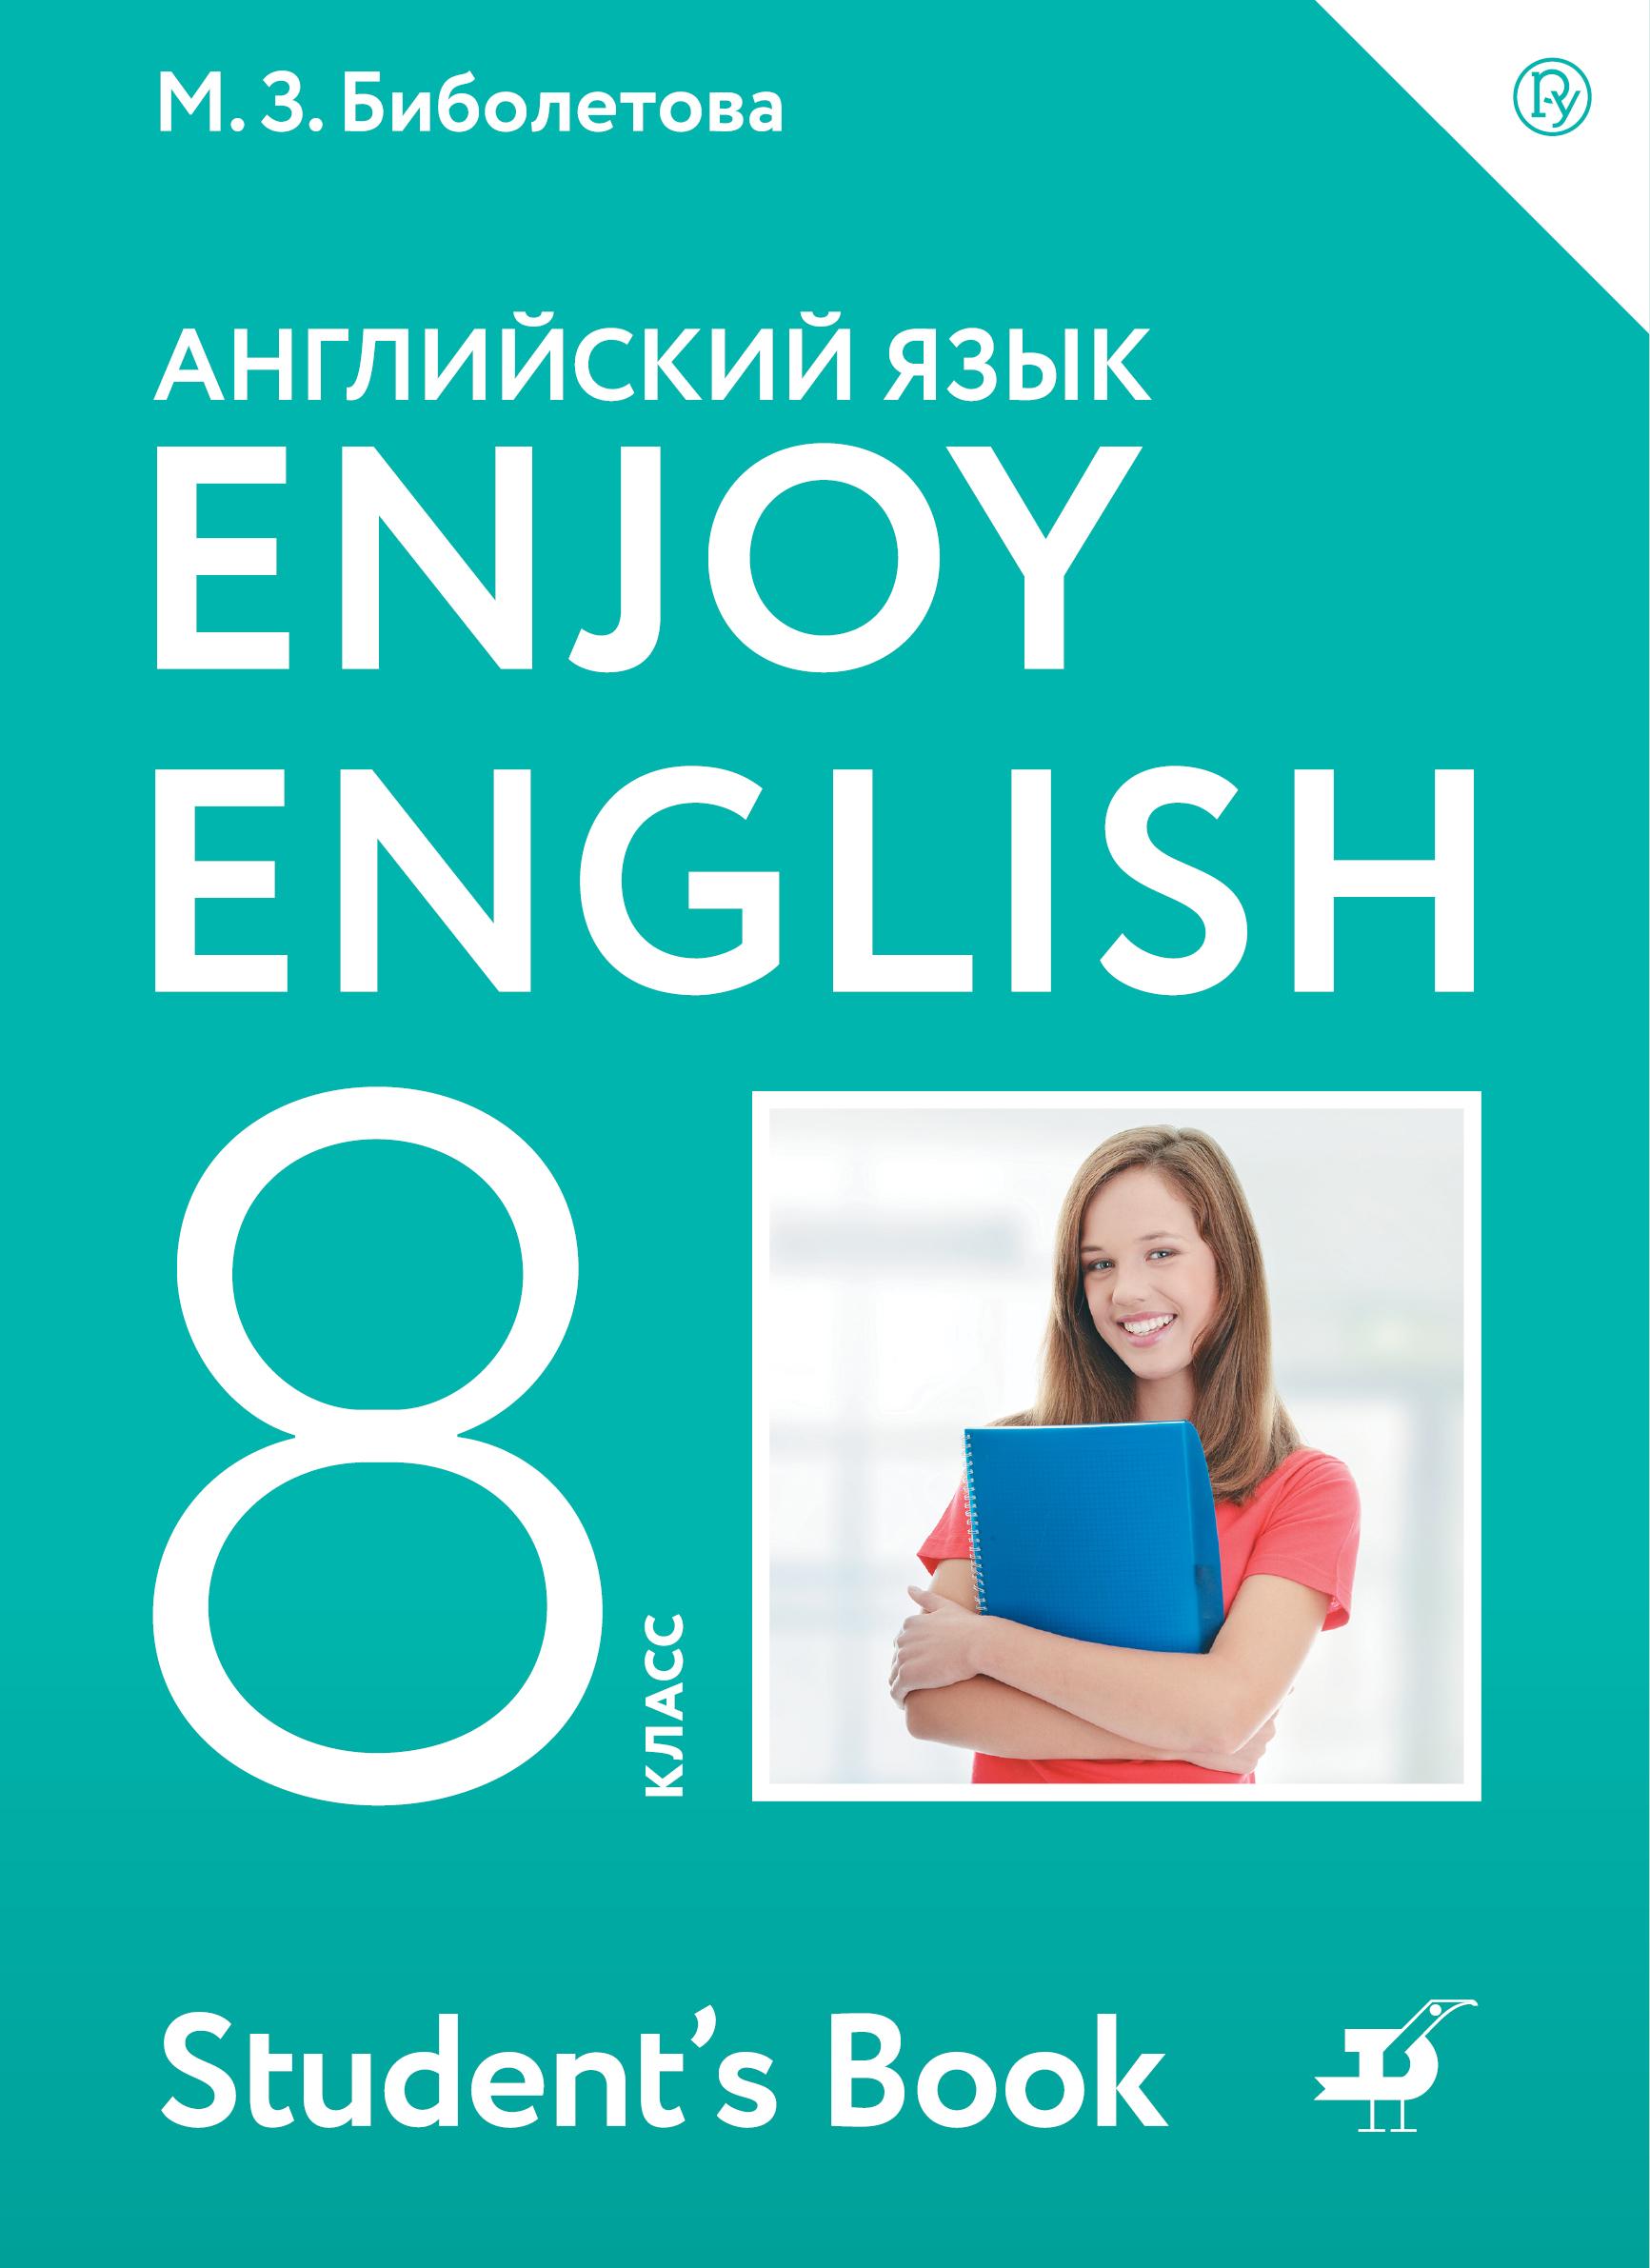 Биболетова М.З. Enjoy English/Английский с удовольствием. 8 класс. Учебное пособие